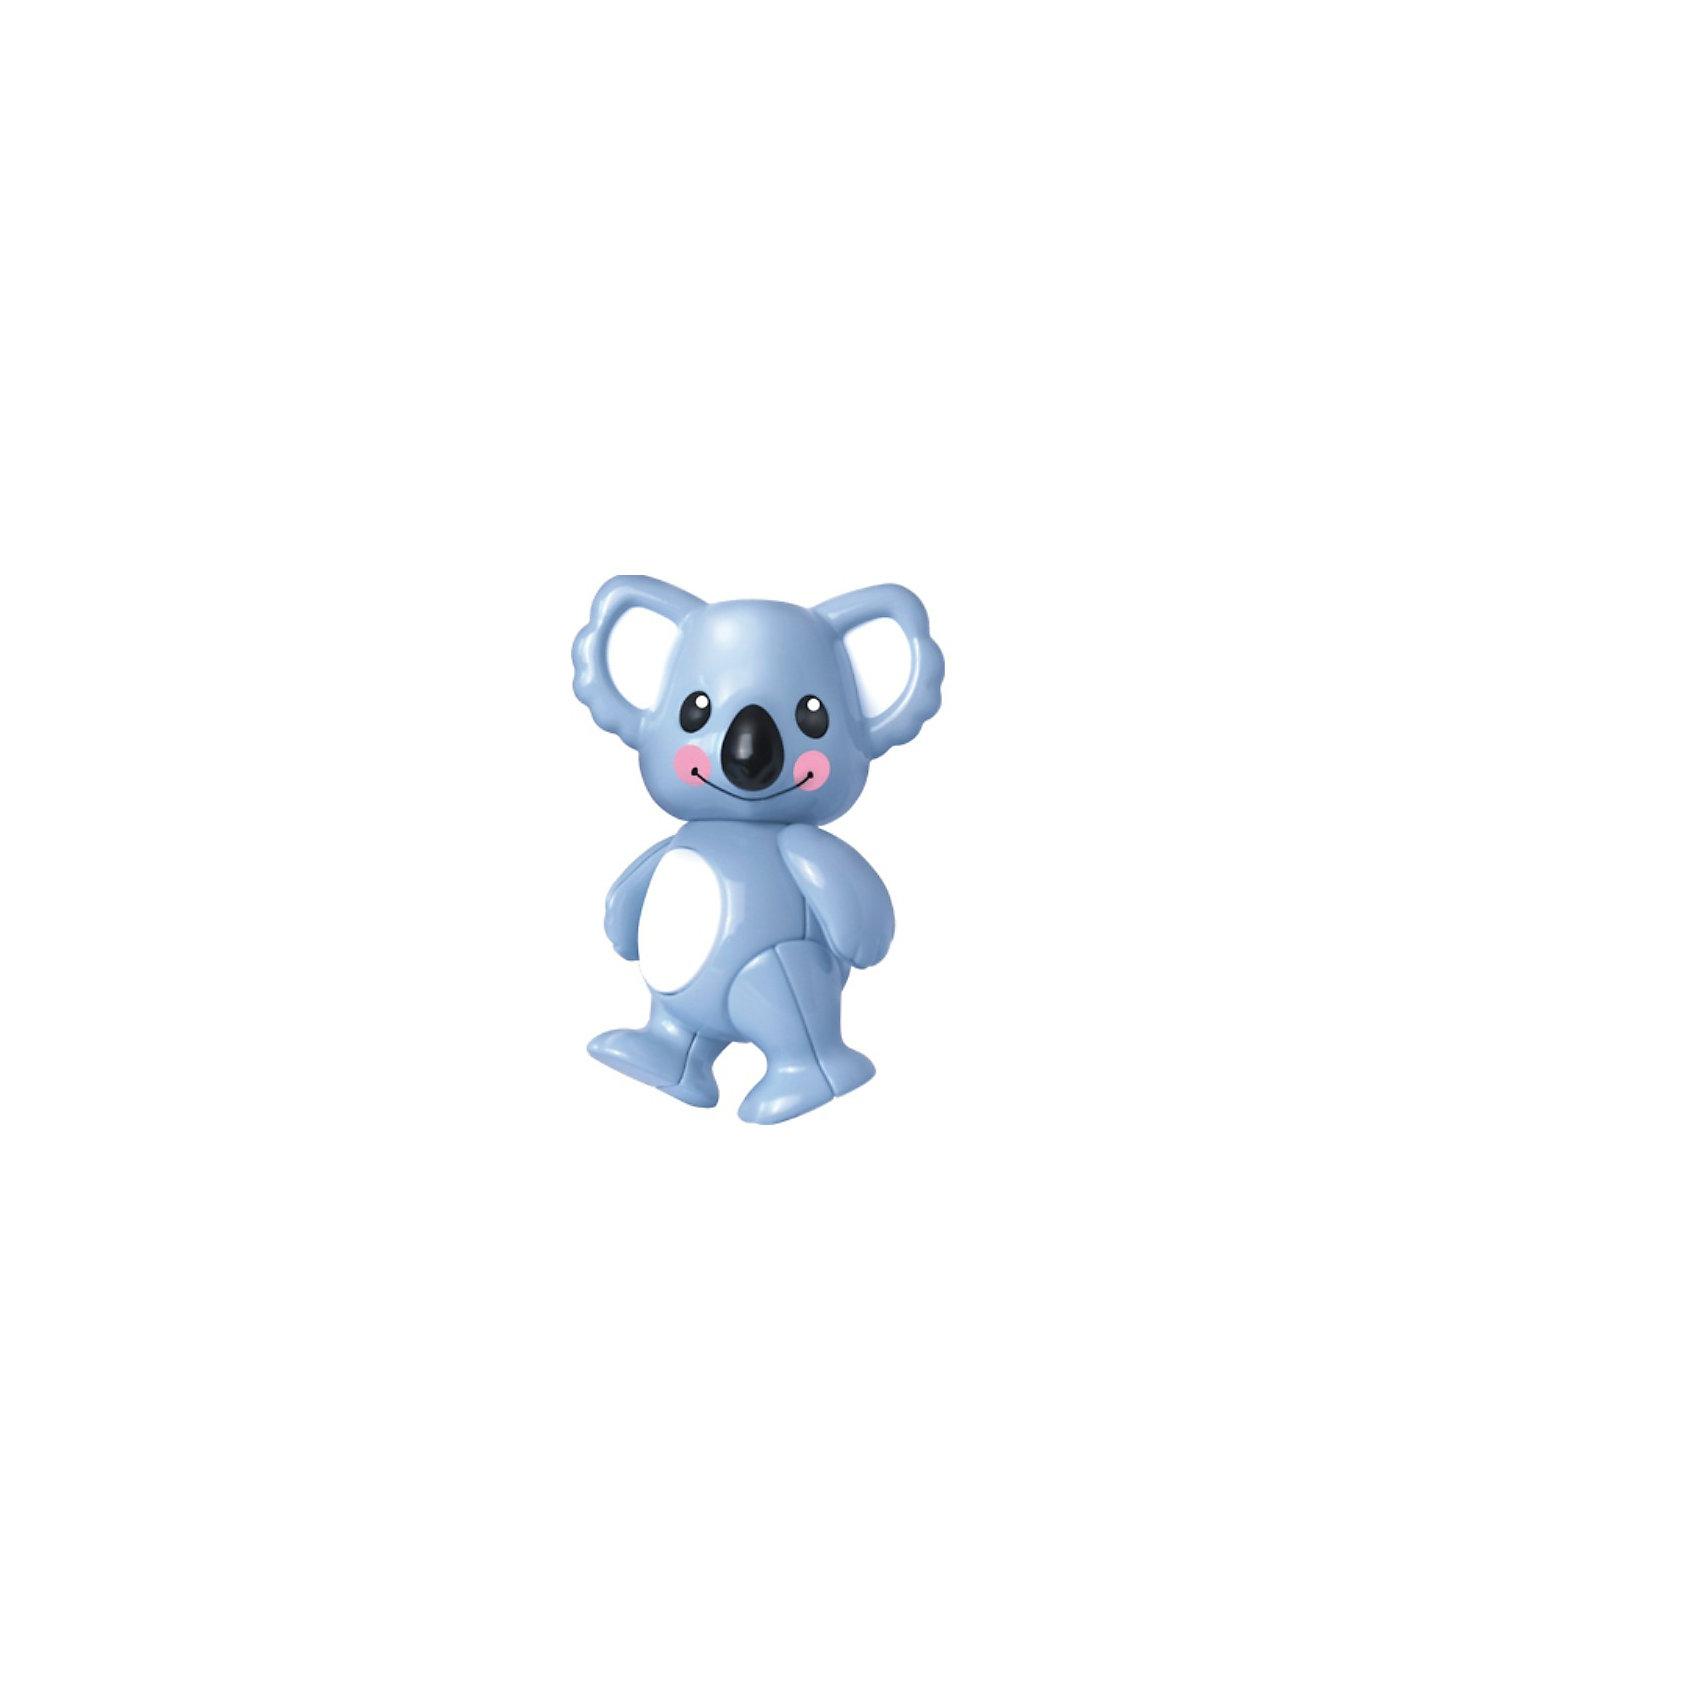 Фигурка Коала, Первые друзья, TOLOФигурка Коала, Первые друзья, TOLO (ТОЛО) – это забавная фигурка, которая составит малышам компанию в познании окружающего мира.<br>Симпатичная улыбающаяся коала с розовыми щечками станет верный другом вашего ребенка. У фигурки щелкающая и подвижная голова и хвост, подвижные лапы. Коала может принимать различные позы: стоять, сидеть. Игрушка способствует развитию фантазии и воображения, помогает формировать первые навыки сюжетно-ролевой игры, знакомит ребенка с животными. <br>Игрушки Толо производятся из пластика самого высокого качества и гипоаллергенных красителей. Они абсолютно безопасны для малышей, не бьются, не ломаются, крепкие и прочные.<br><br>Дополнительная информация:<br><br>- Размер: 6 х 9 х 7 см.<br>- Материал: высококачественный пластик<br><br>Фигурка Коала, Первые друзья, TOLO (ТОЛО) - обязательно понравится Вашему малышу.<br><br>Фигурку Коала, Первые друзья, TOLO (ТОЛО) можно купить в нашем интернет-магазине.<br><br>Ширина мм: 70<br>Глубина мм: 110<br>Высота мм: 60<br>Вес г: 64<br>Возраст от месяцев: 12<br>Возраст до месяцев: 60<br>Пол: Унисекс<br>Возраст: Детский<br>SKU: 3688995